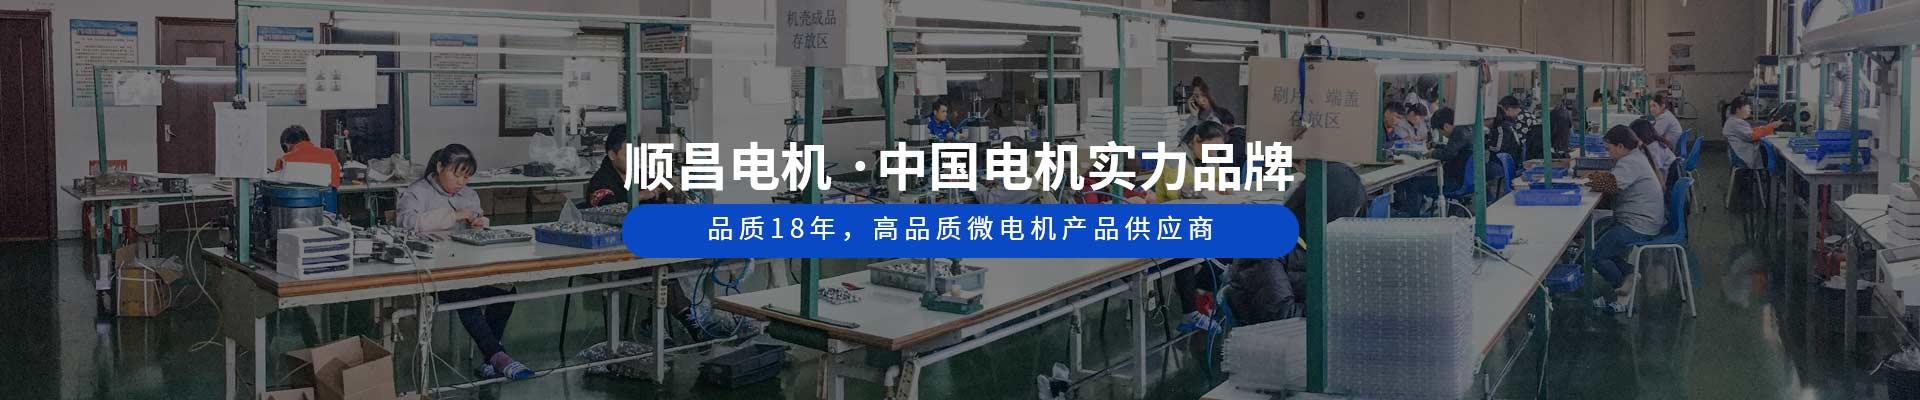 顺昌电机 ·中国电机实力品牌 品质18年,高品质微电机产品供应商